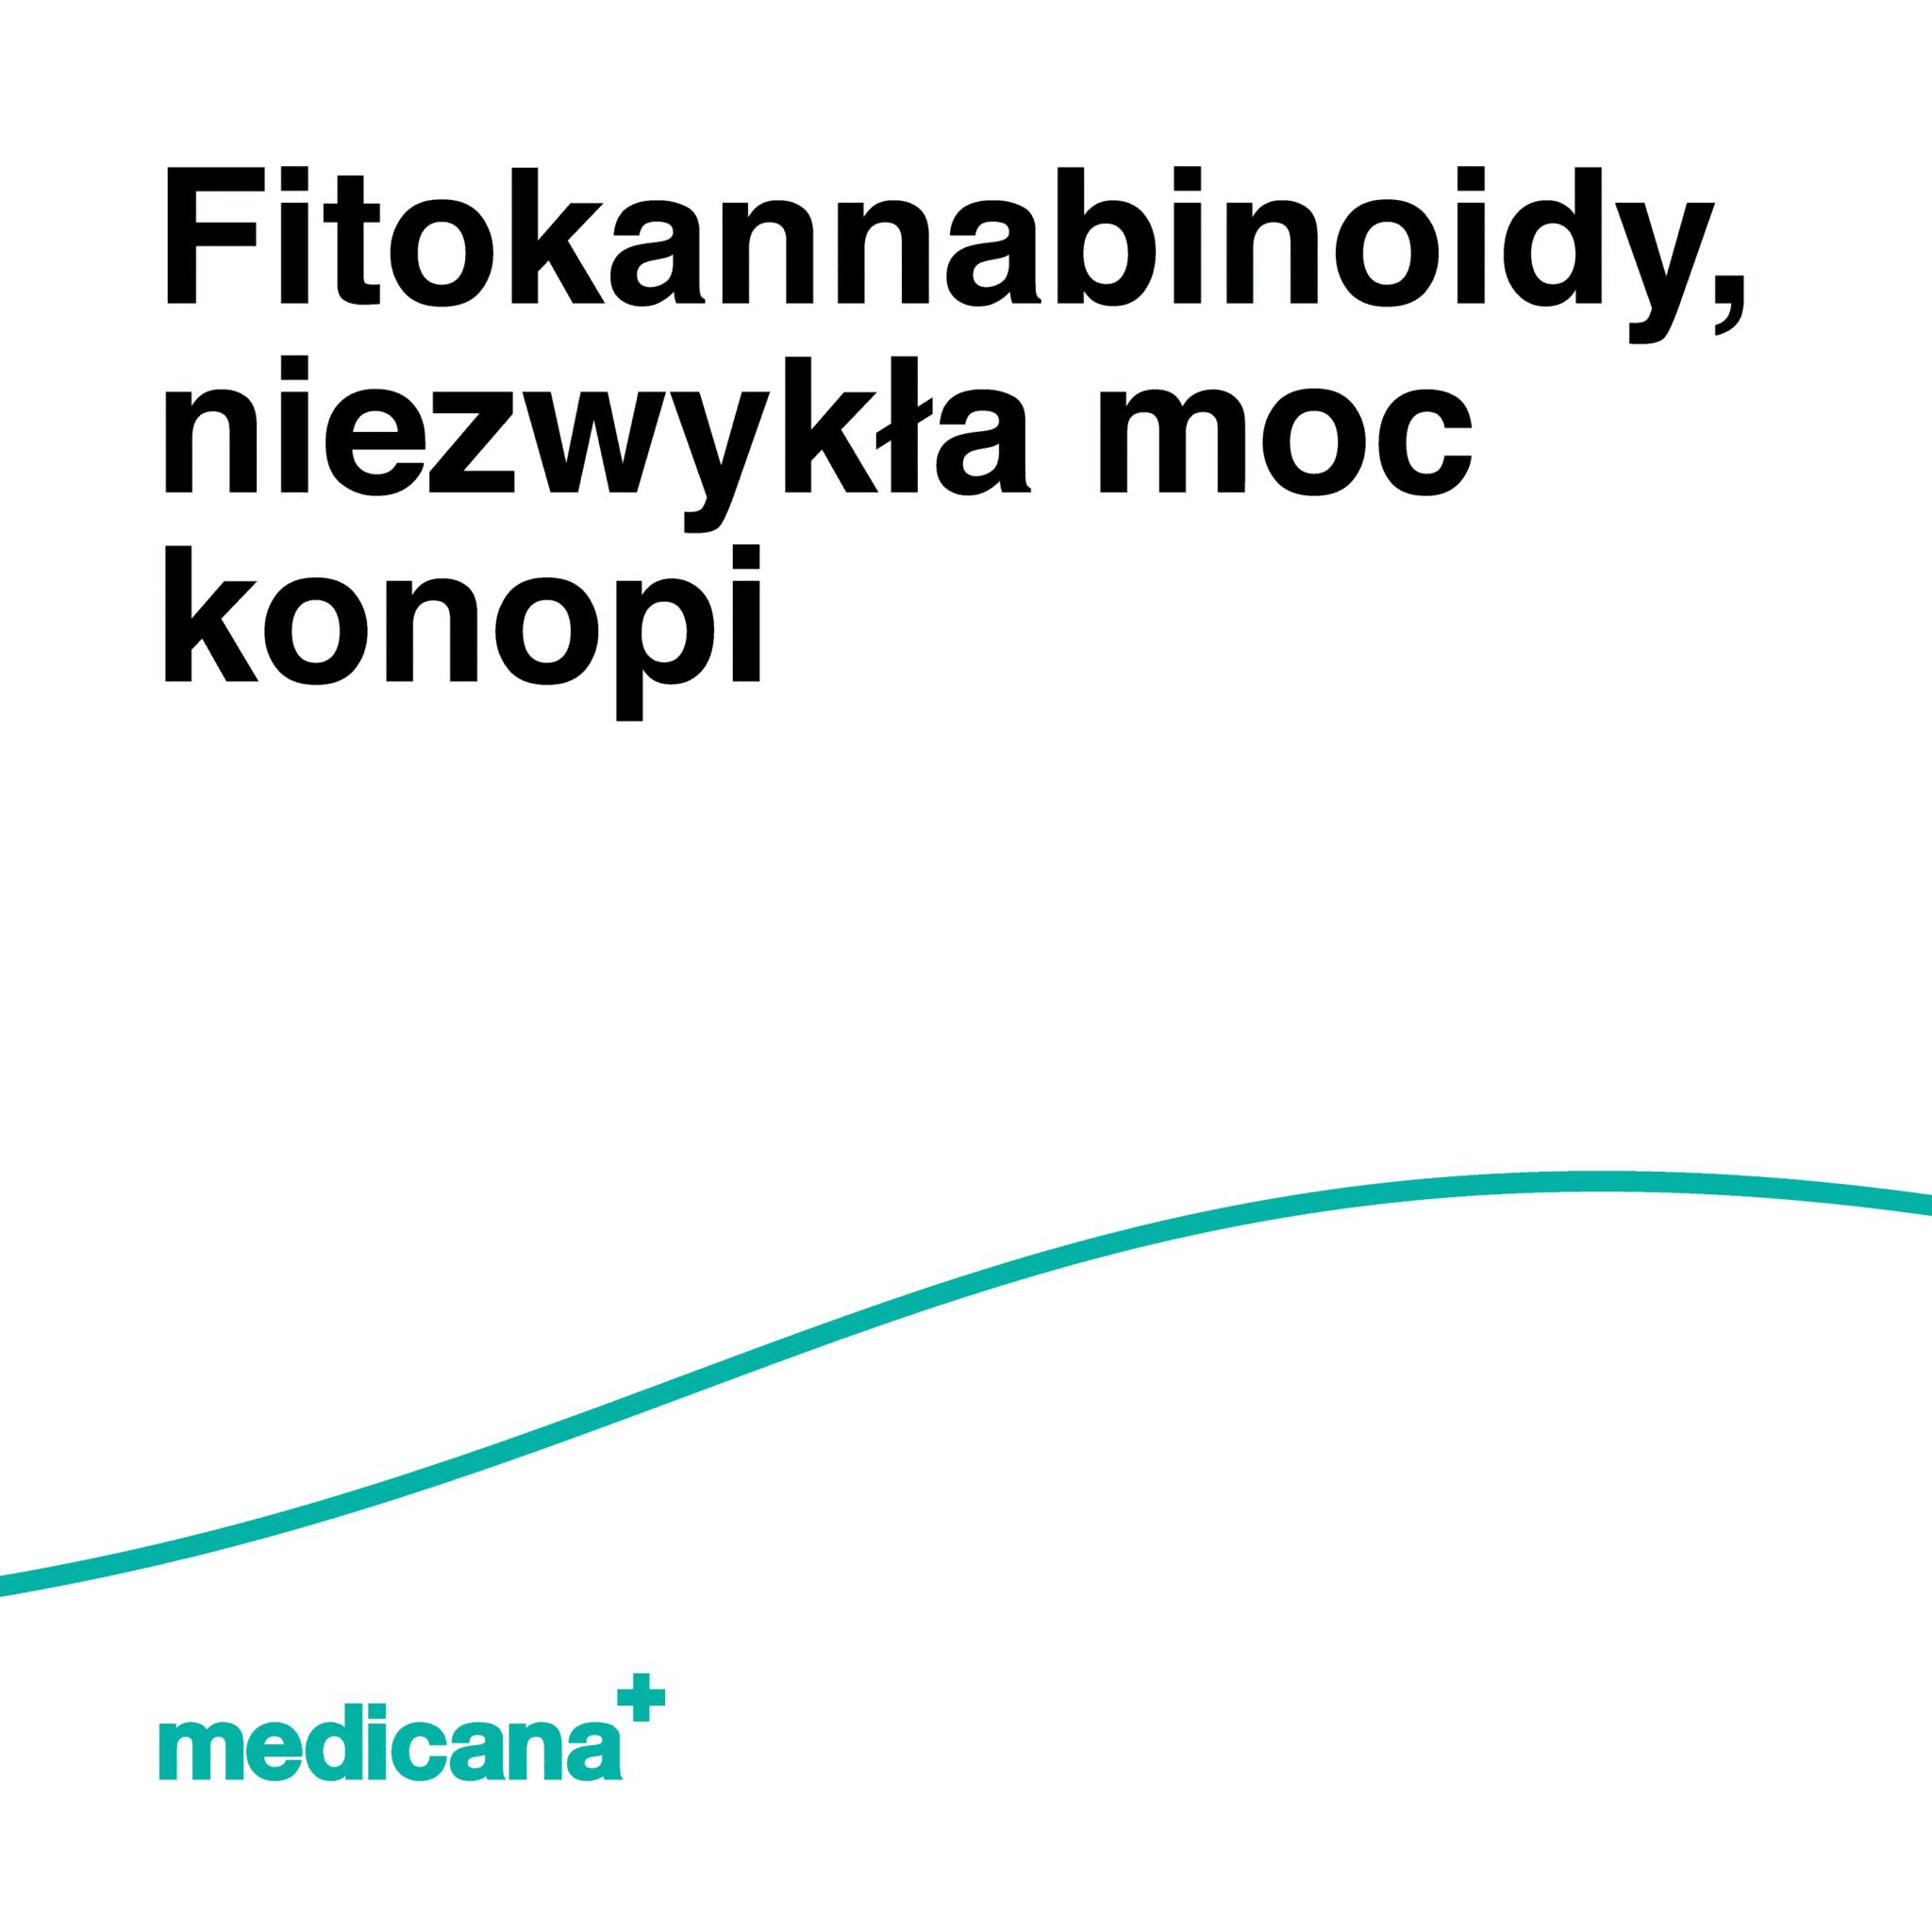 Grafika, białe tło z zieloną linią, czarnym napisem Fitokannabinoidy, niezwykła moc konopi oraz zielonym logo Medicana w lewym dolnym rogu.